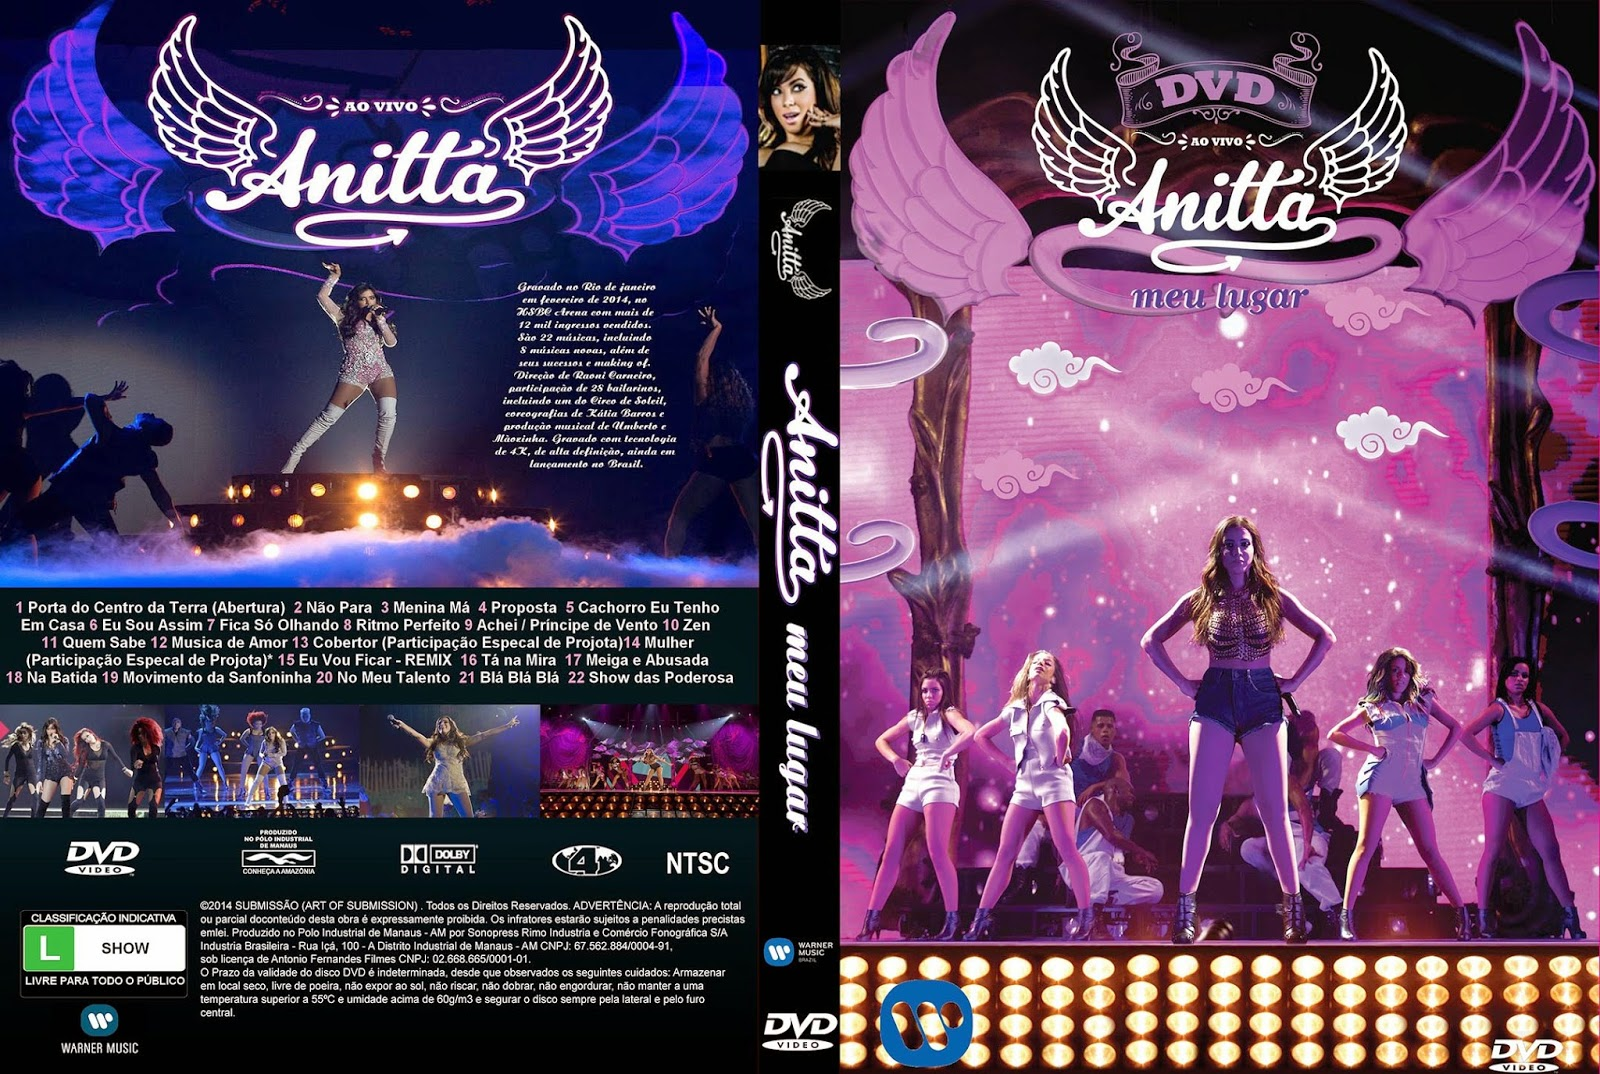 Baixar Anitta Meu Lugar DVD-R Anitta   Meu Lugar Ao Vivo